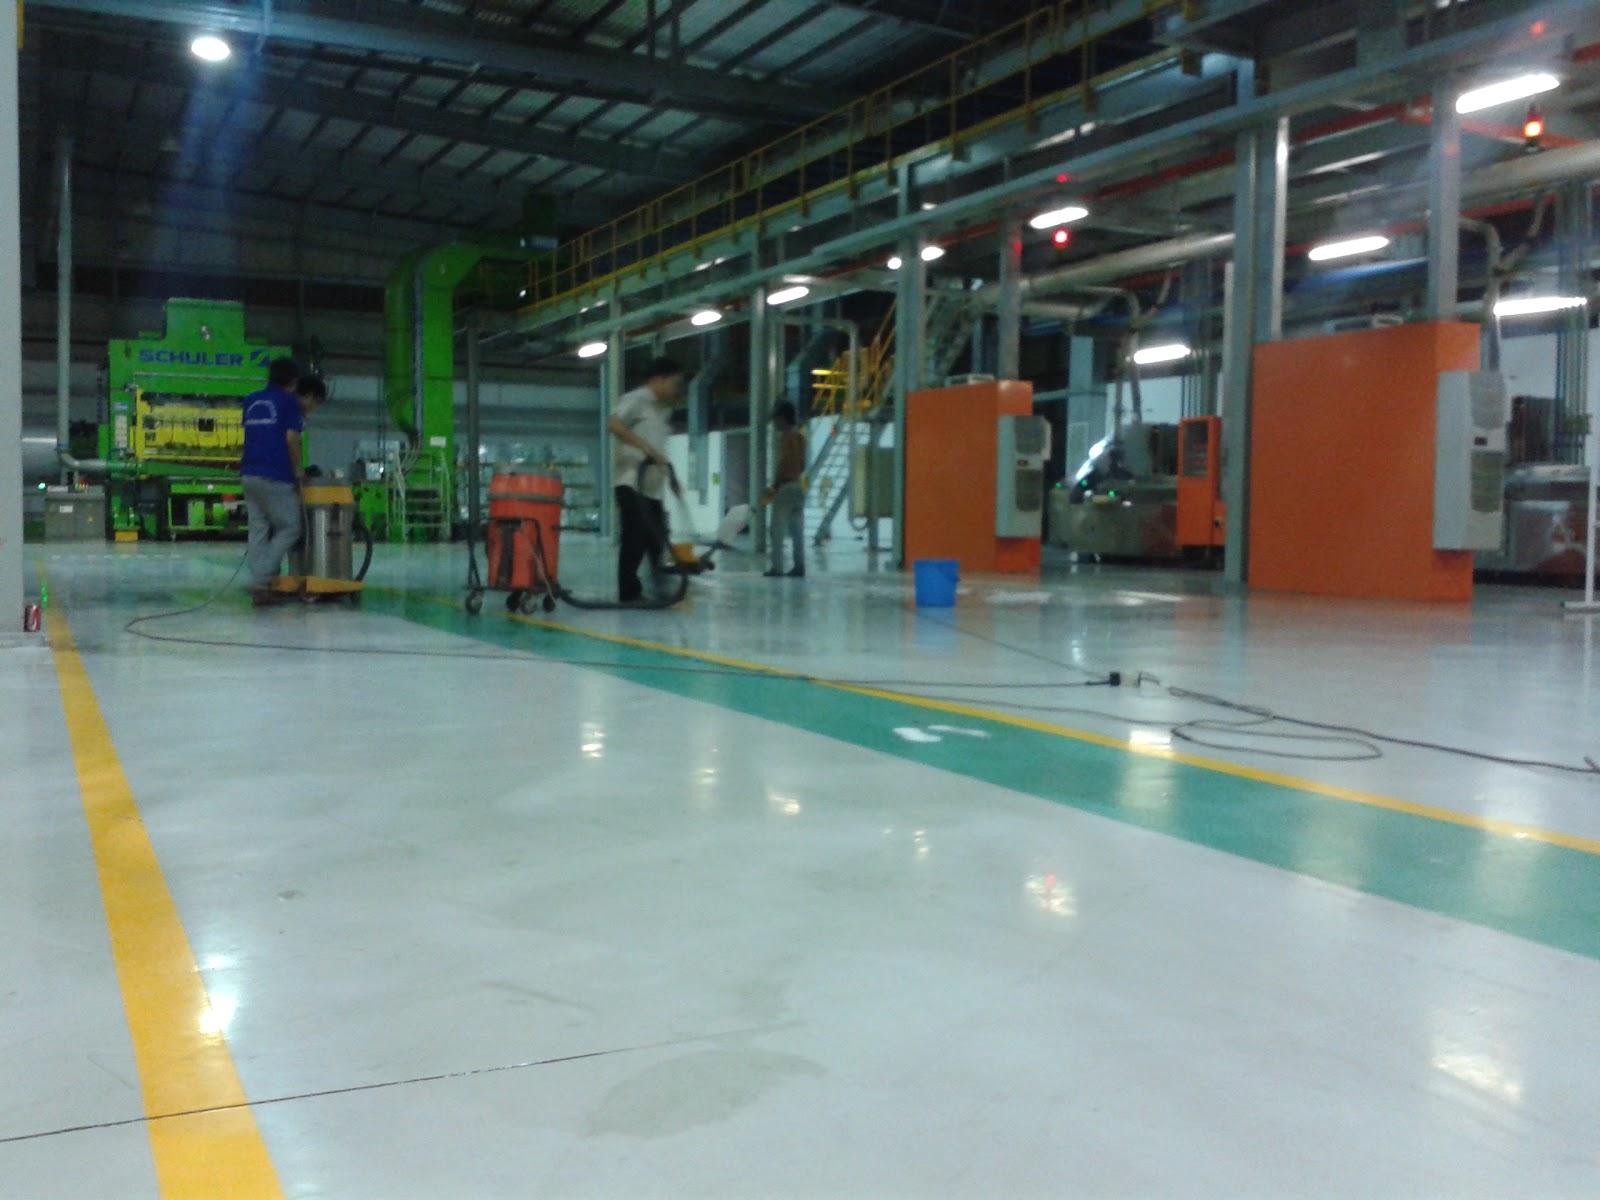 Công ty TNHH TM - DV Vệ sinh Gia Khang cung cấp dịch vụ vệ sinh uy tín, chất lượng cao trong khu vực thành phố Hồ Chí Minh